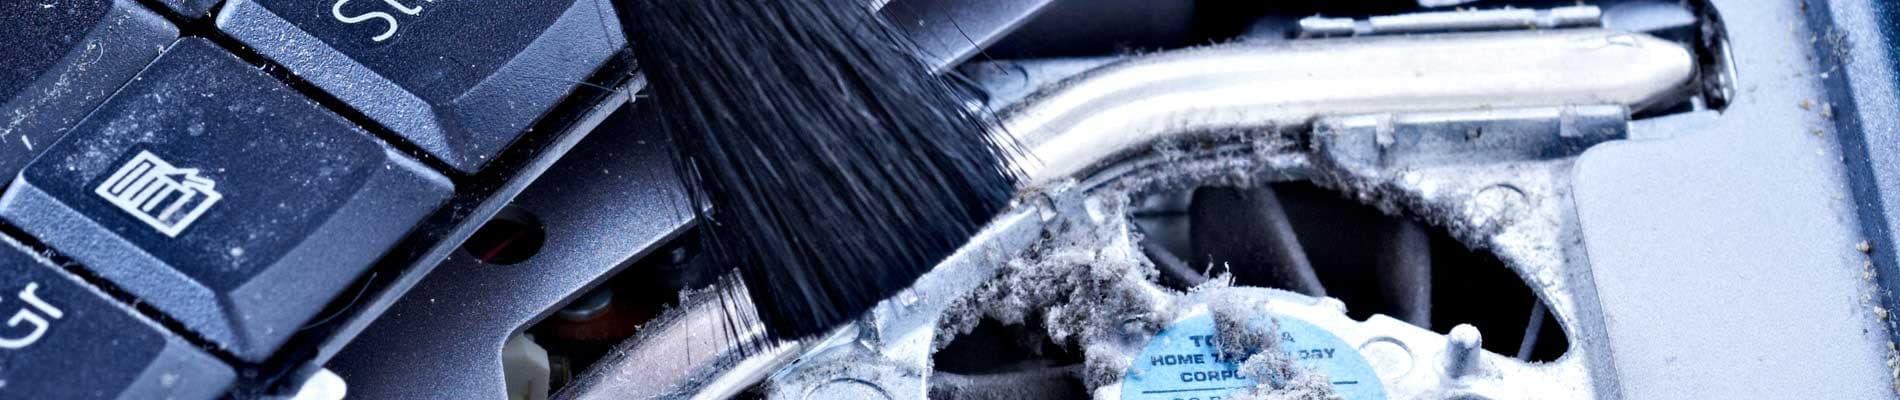 Mantenimiento de maquinaria e instalaciones